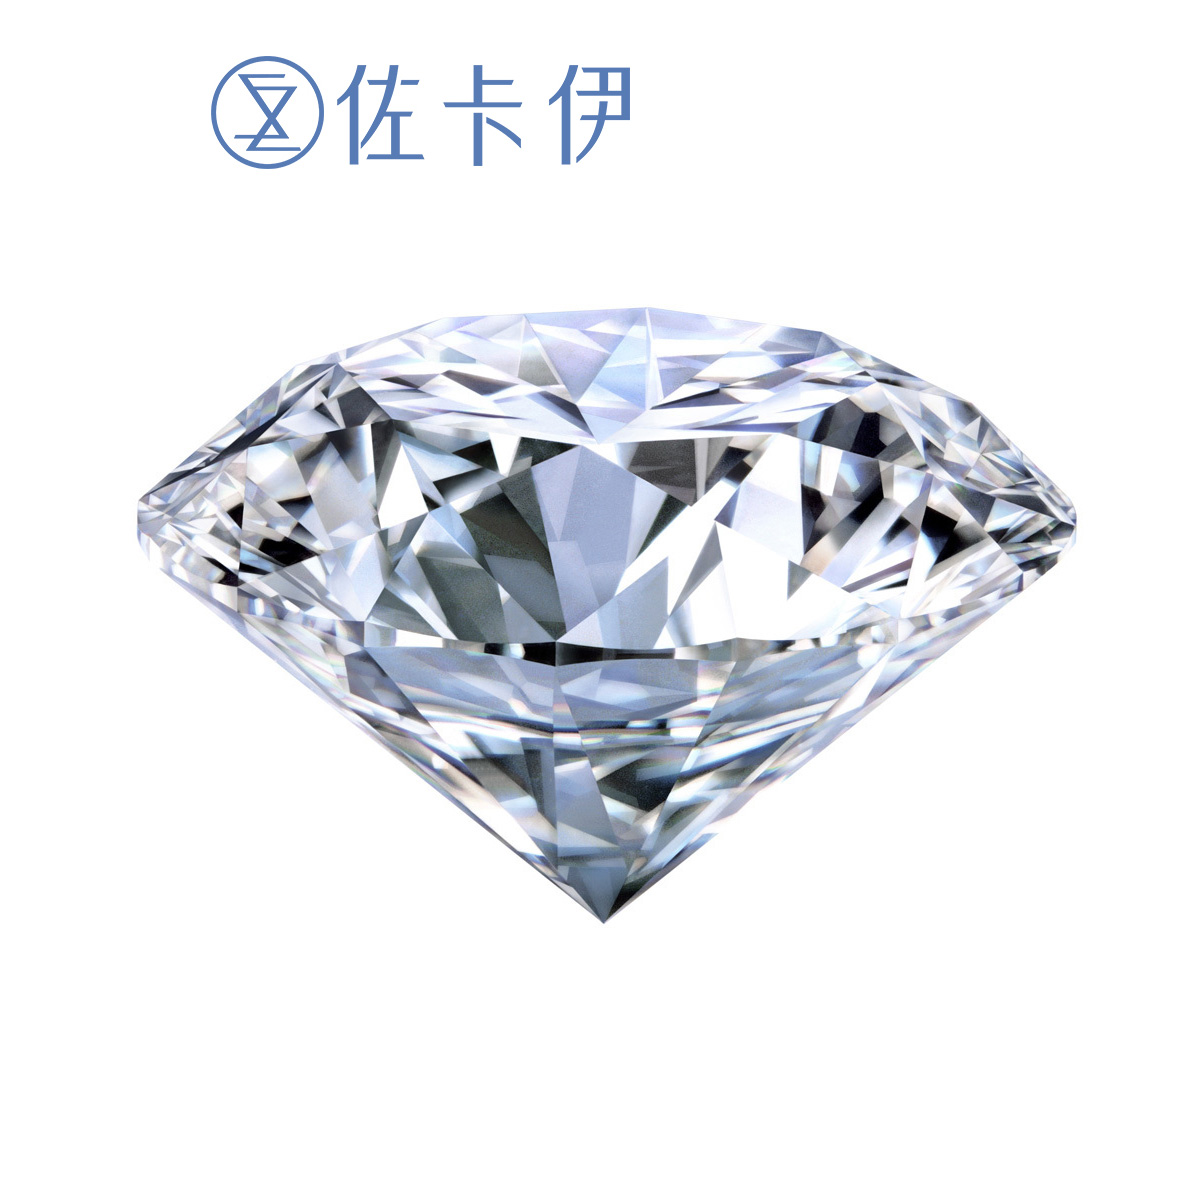 佐卡伊裸钻 30分50分1克拉GIA裸钻定制钻石结婚戒指钻戒女戒正品